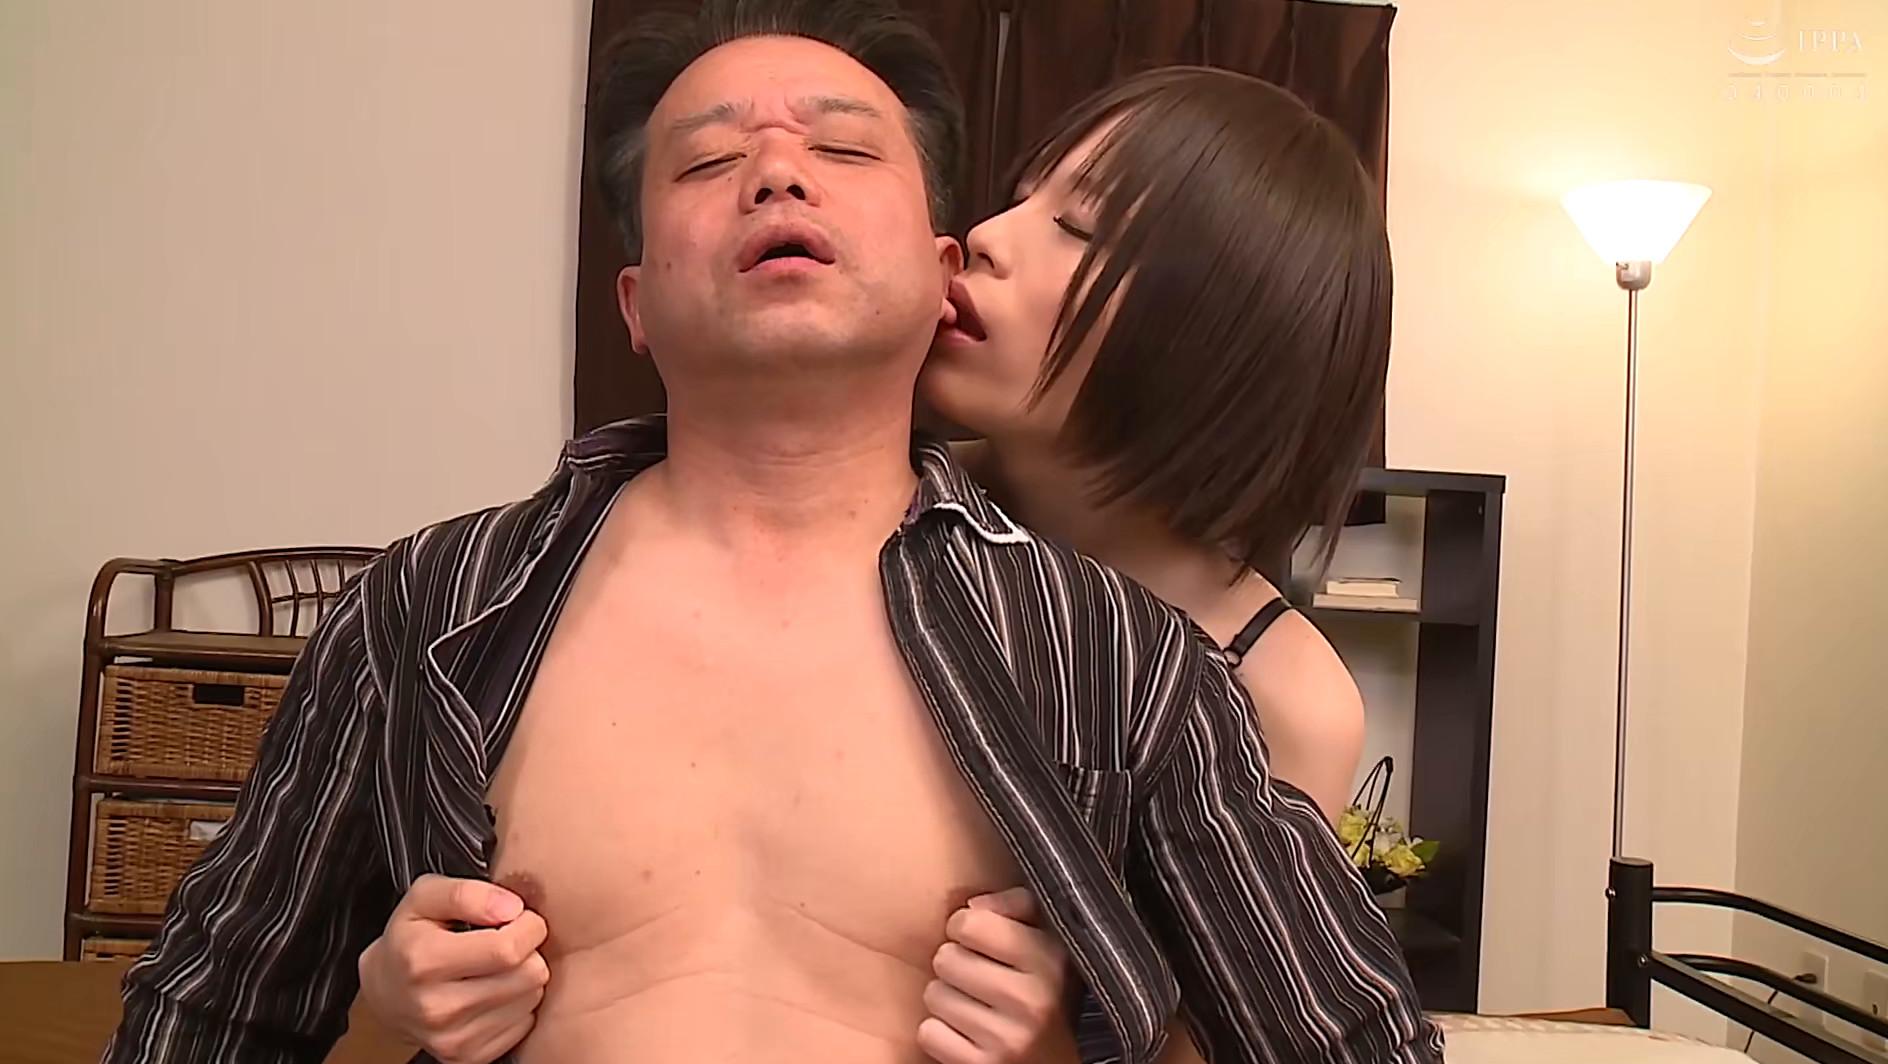 レイ【小悪魔オトコノ娘によるおじさん虐め】 画像2